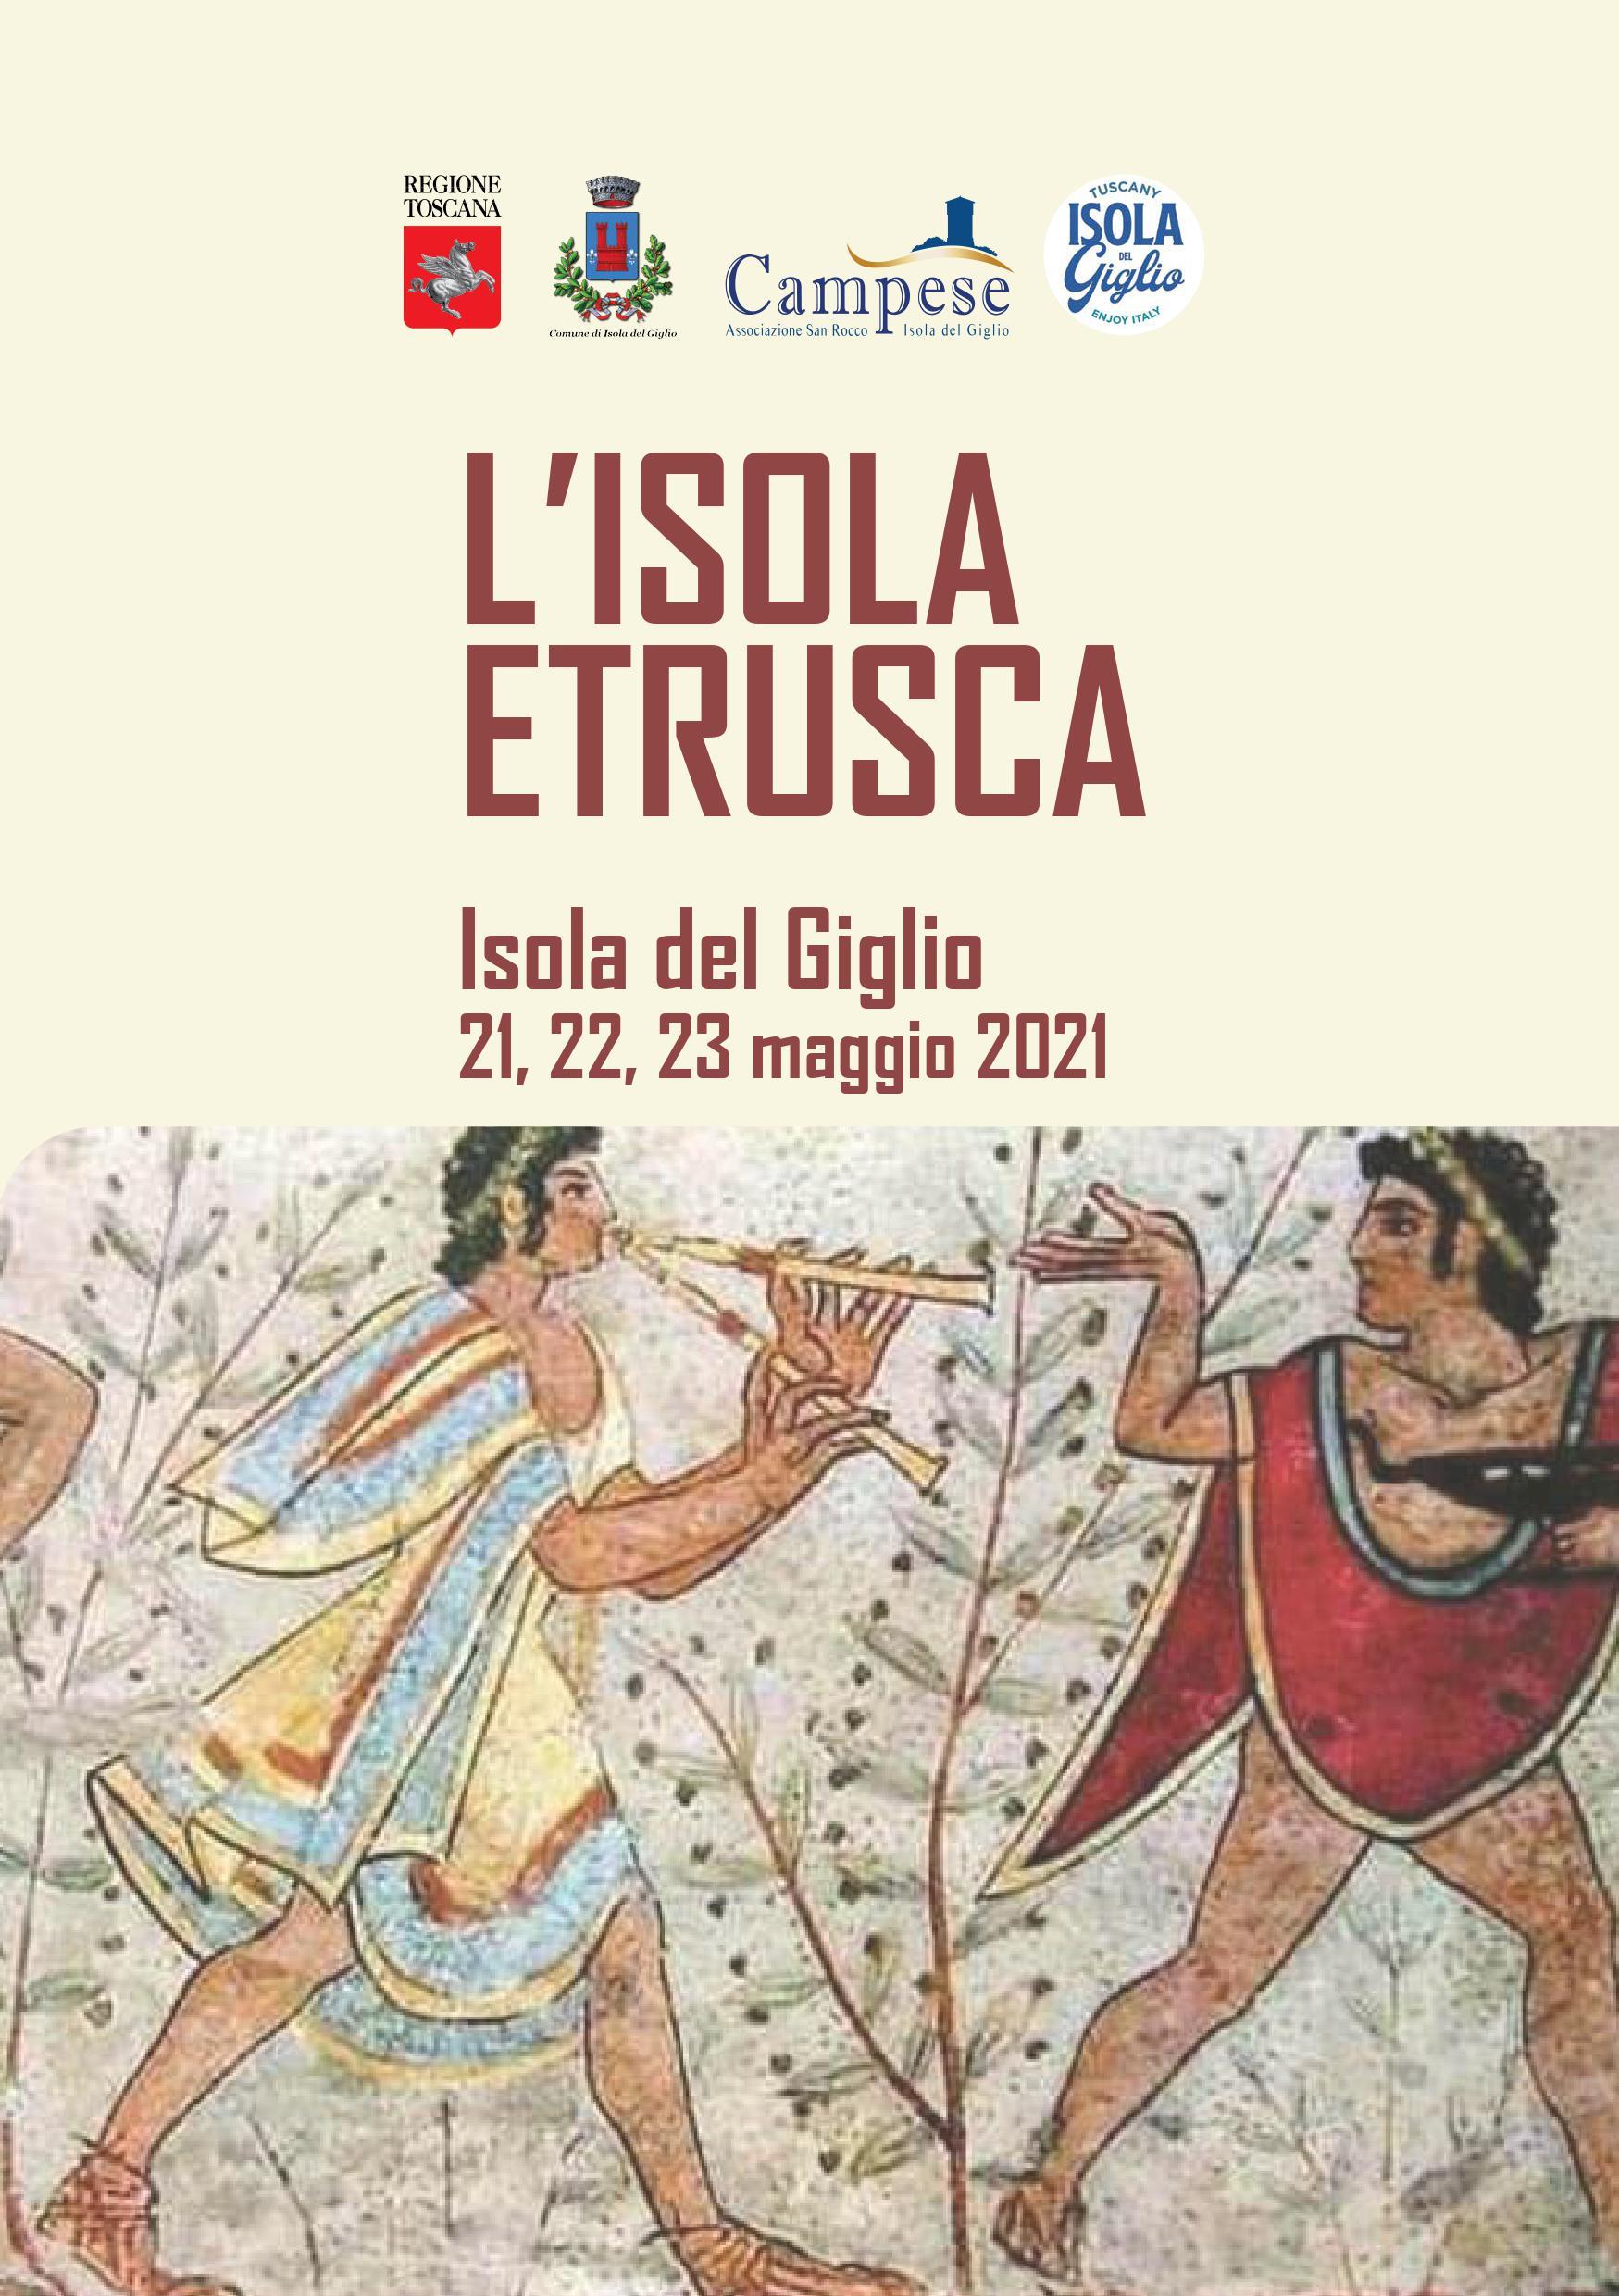 Isola del Giglio, 'L'Isola degli Etruschi', il primo dei sette festival che caratterizzeranno estate gigliese